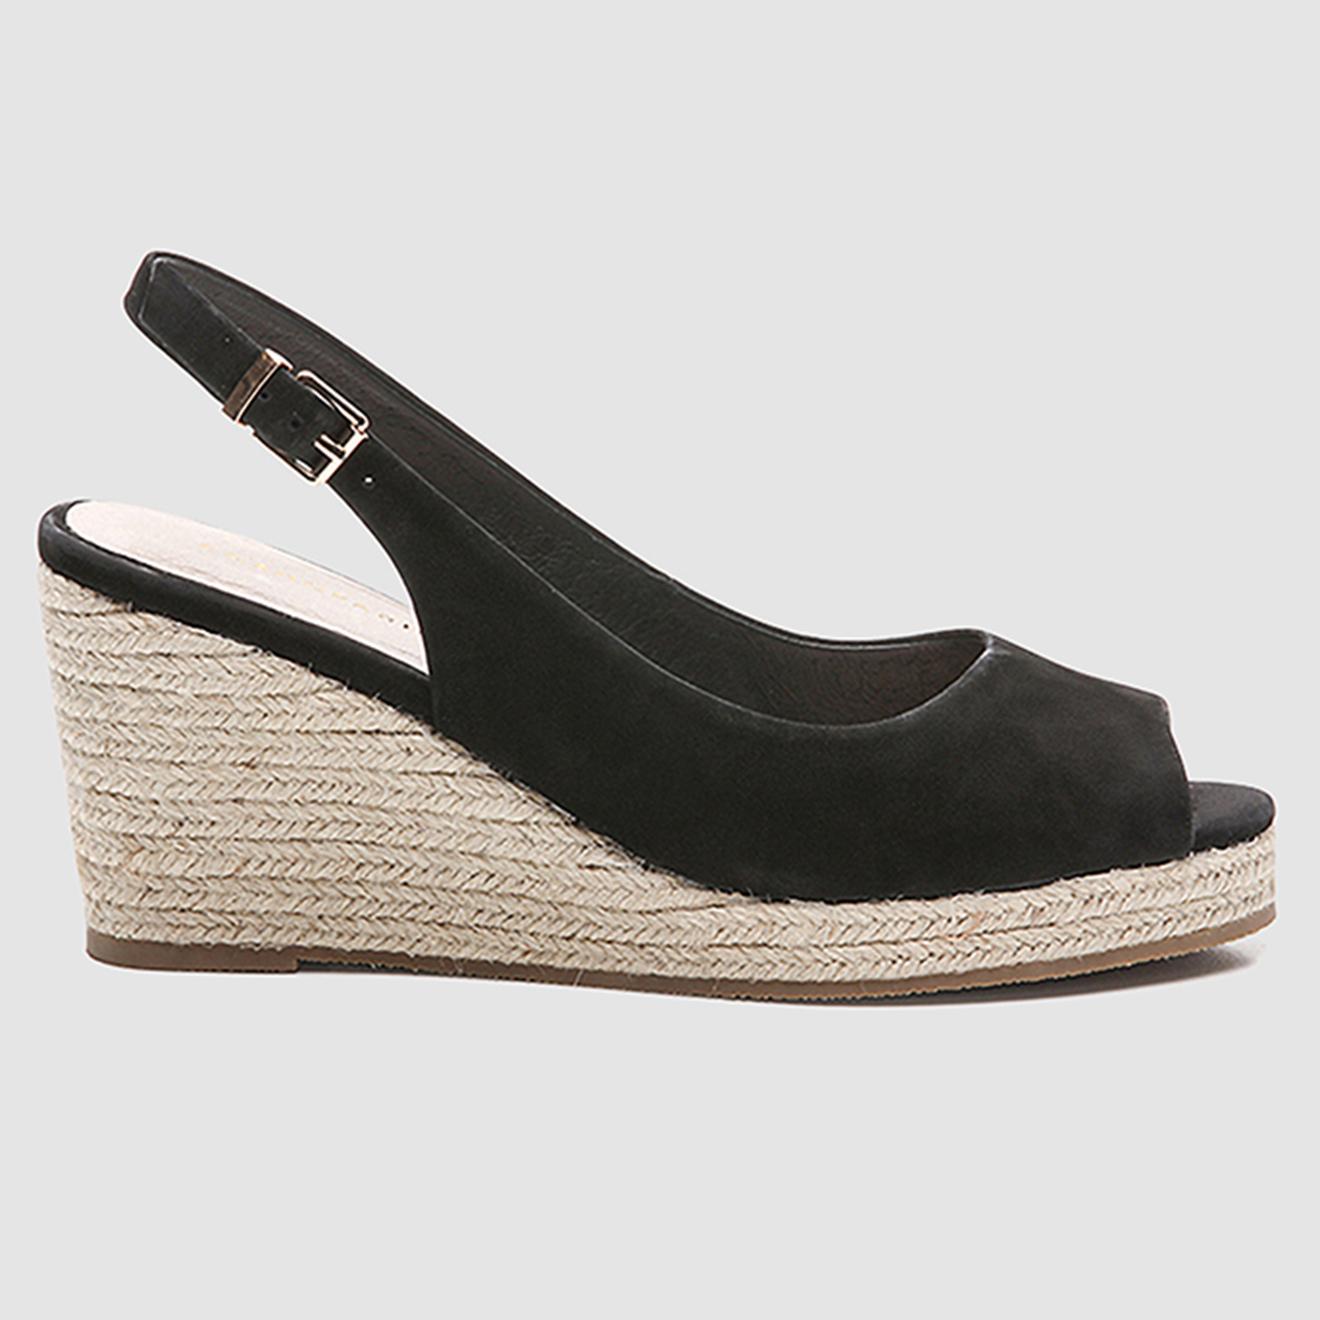 Sandales compensées en Velours de Cuir Himana - Talon 7 cm - Cosmoparis - Modalova